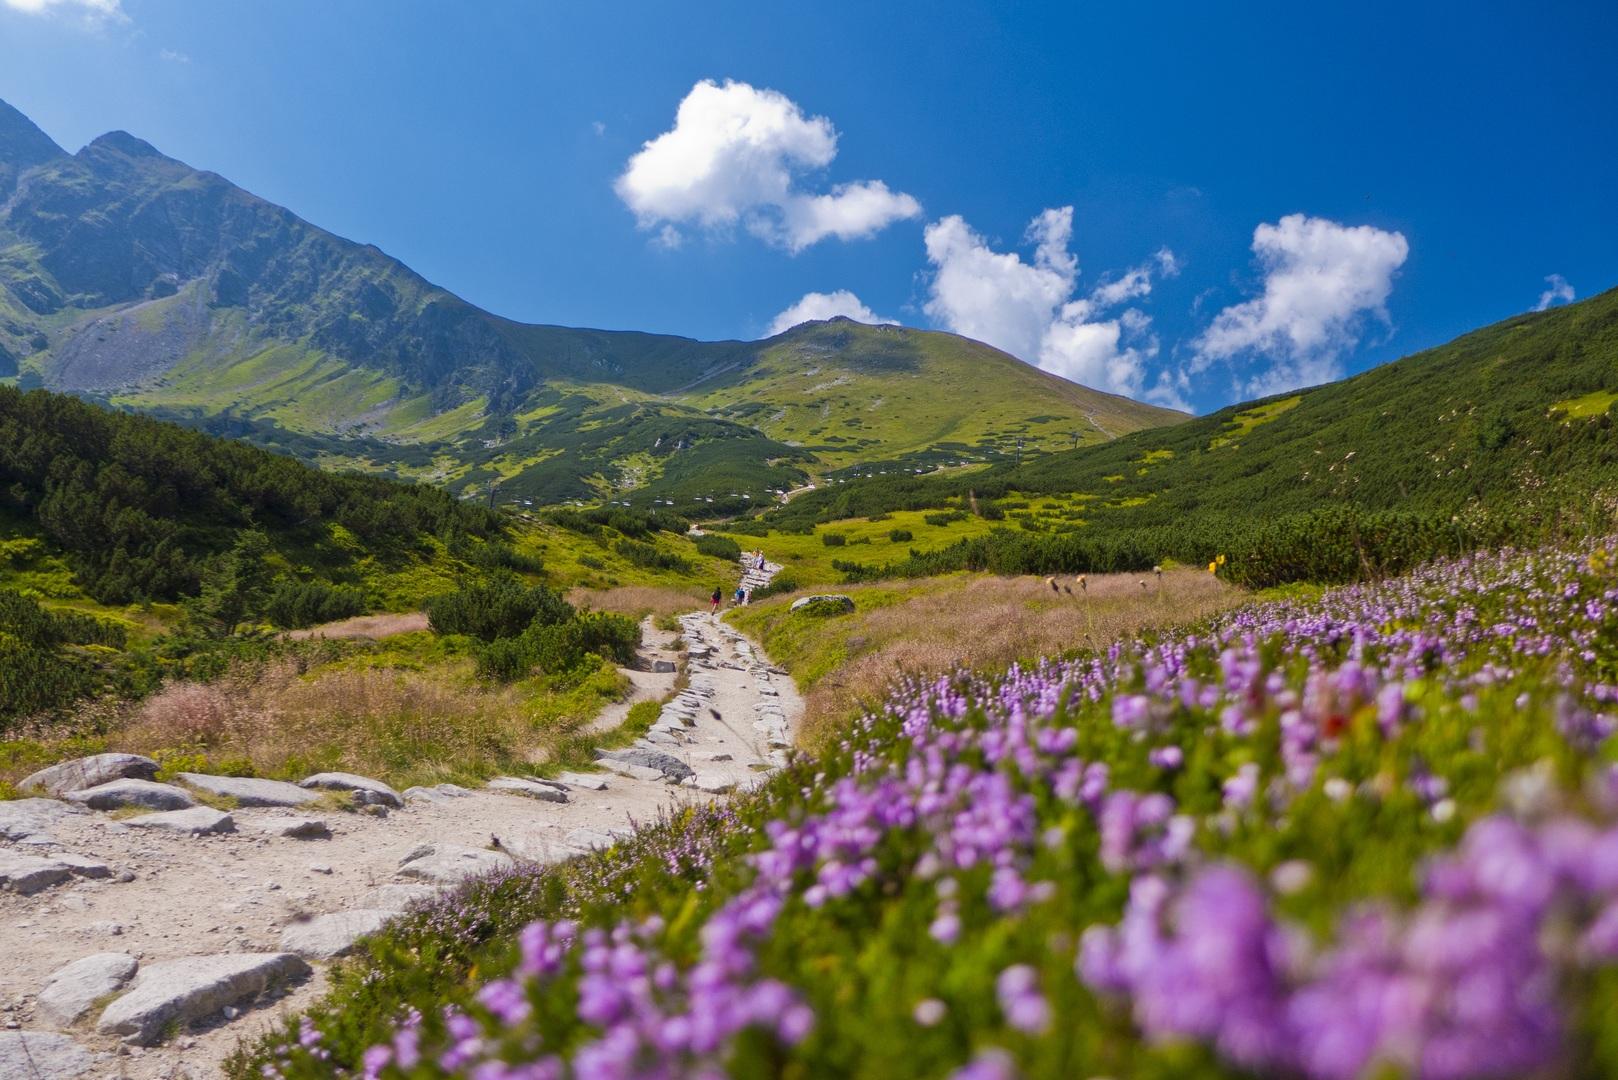 szlaki turystyczne Tatry